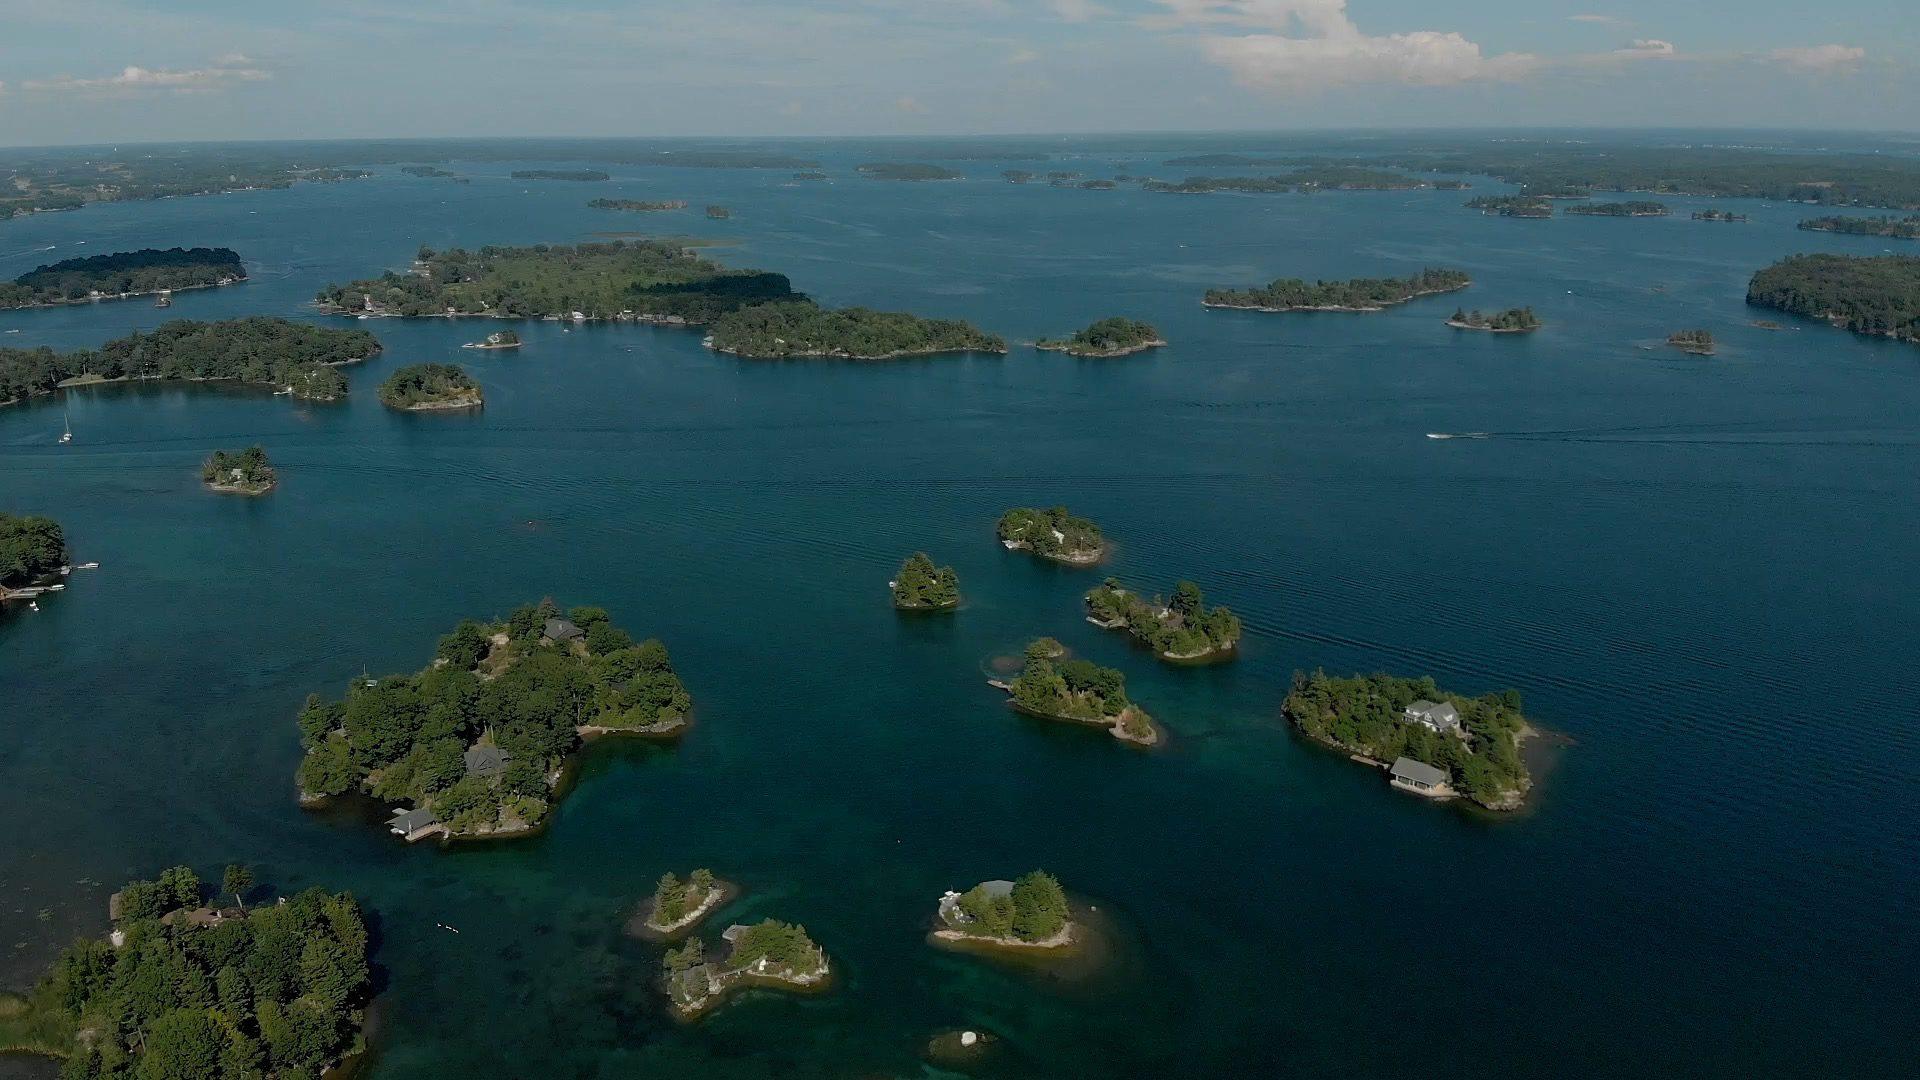 mareTV -Thousand Islands. Die 1000 Inseln im St. Lorenz Strom